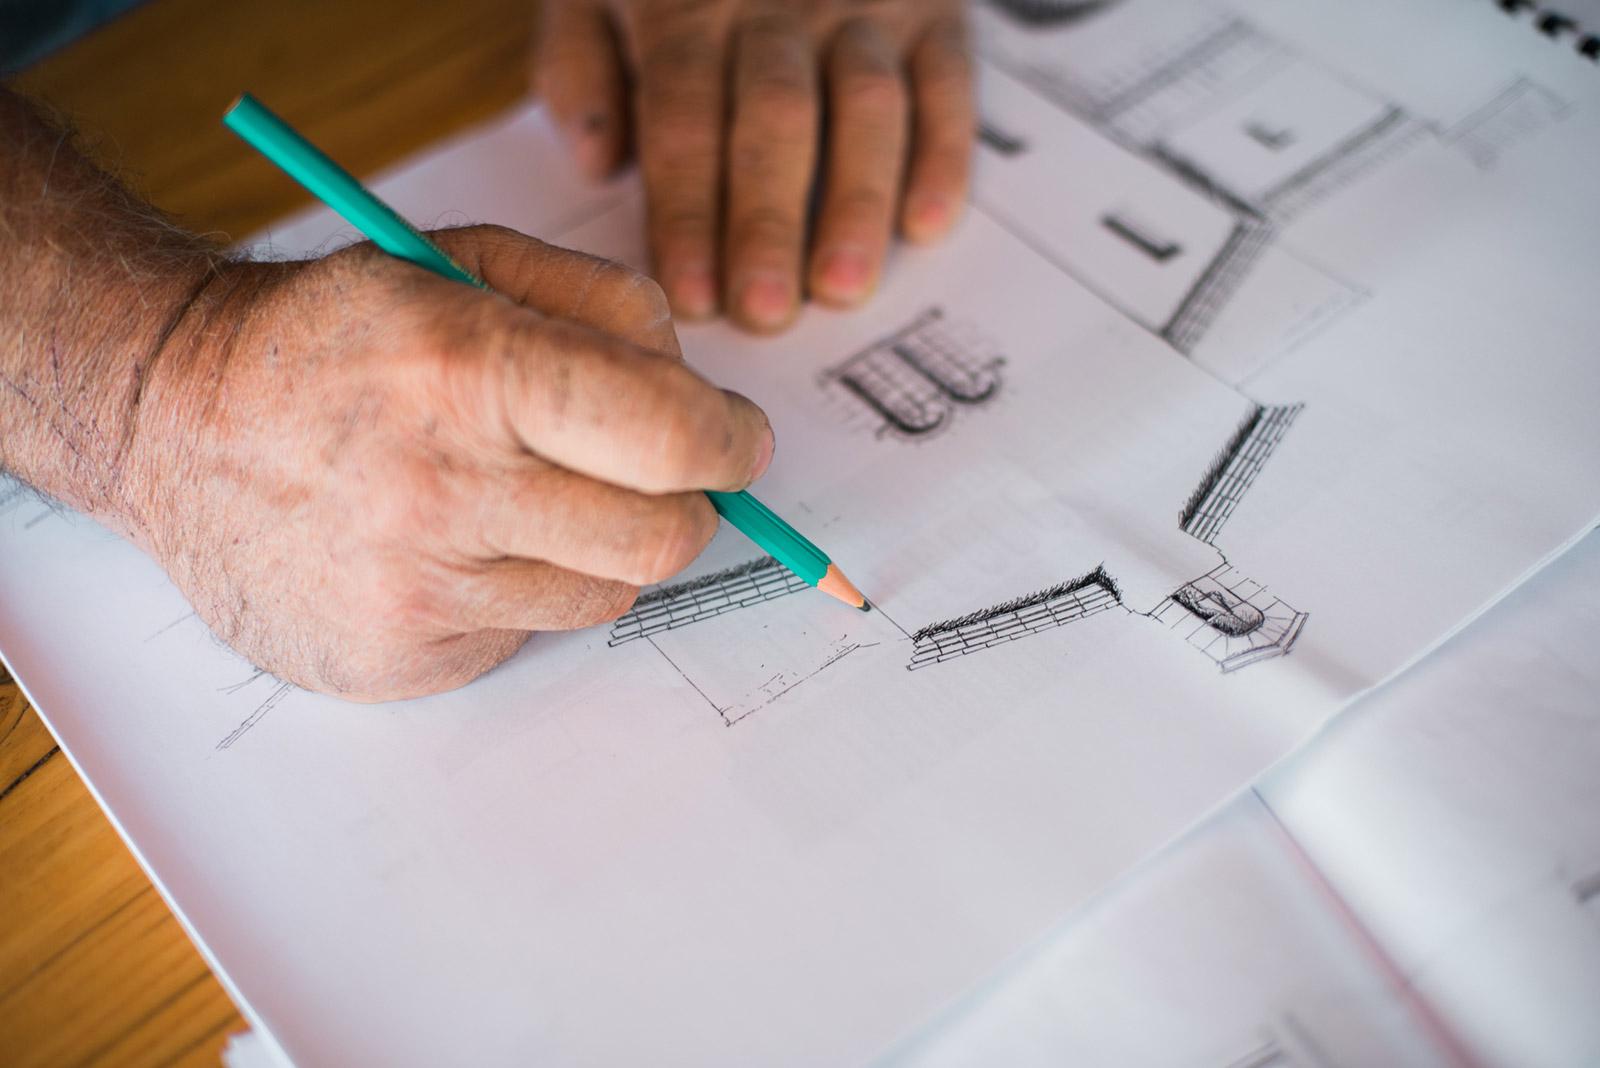 Notre expérience et notre savoir-faire pour vos projets